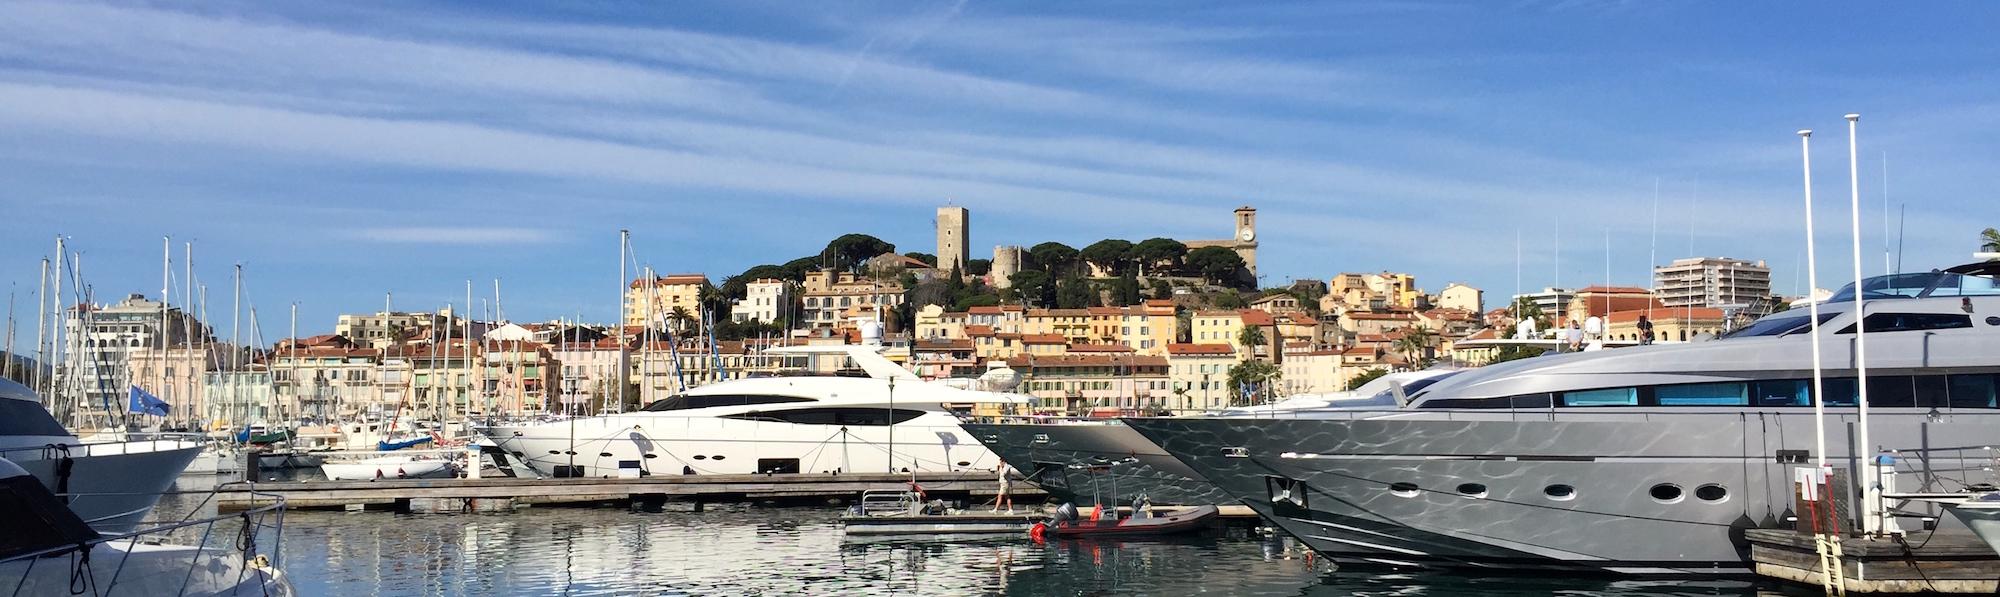 Castillo e iglesia, Cannes